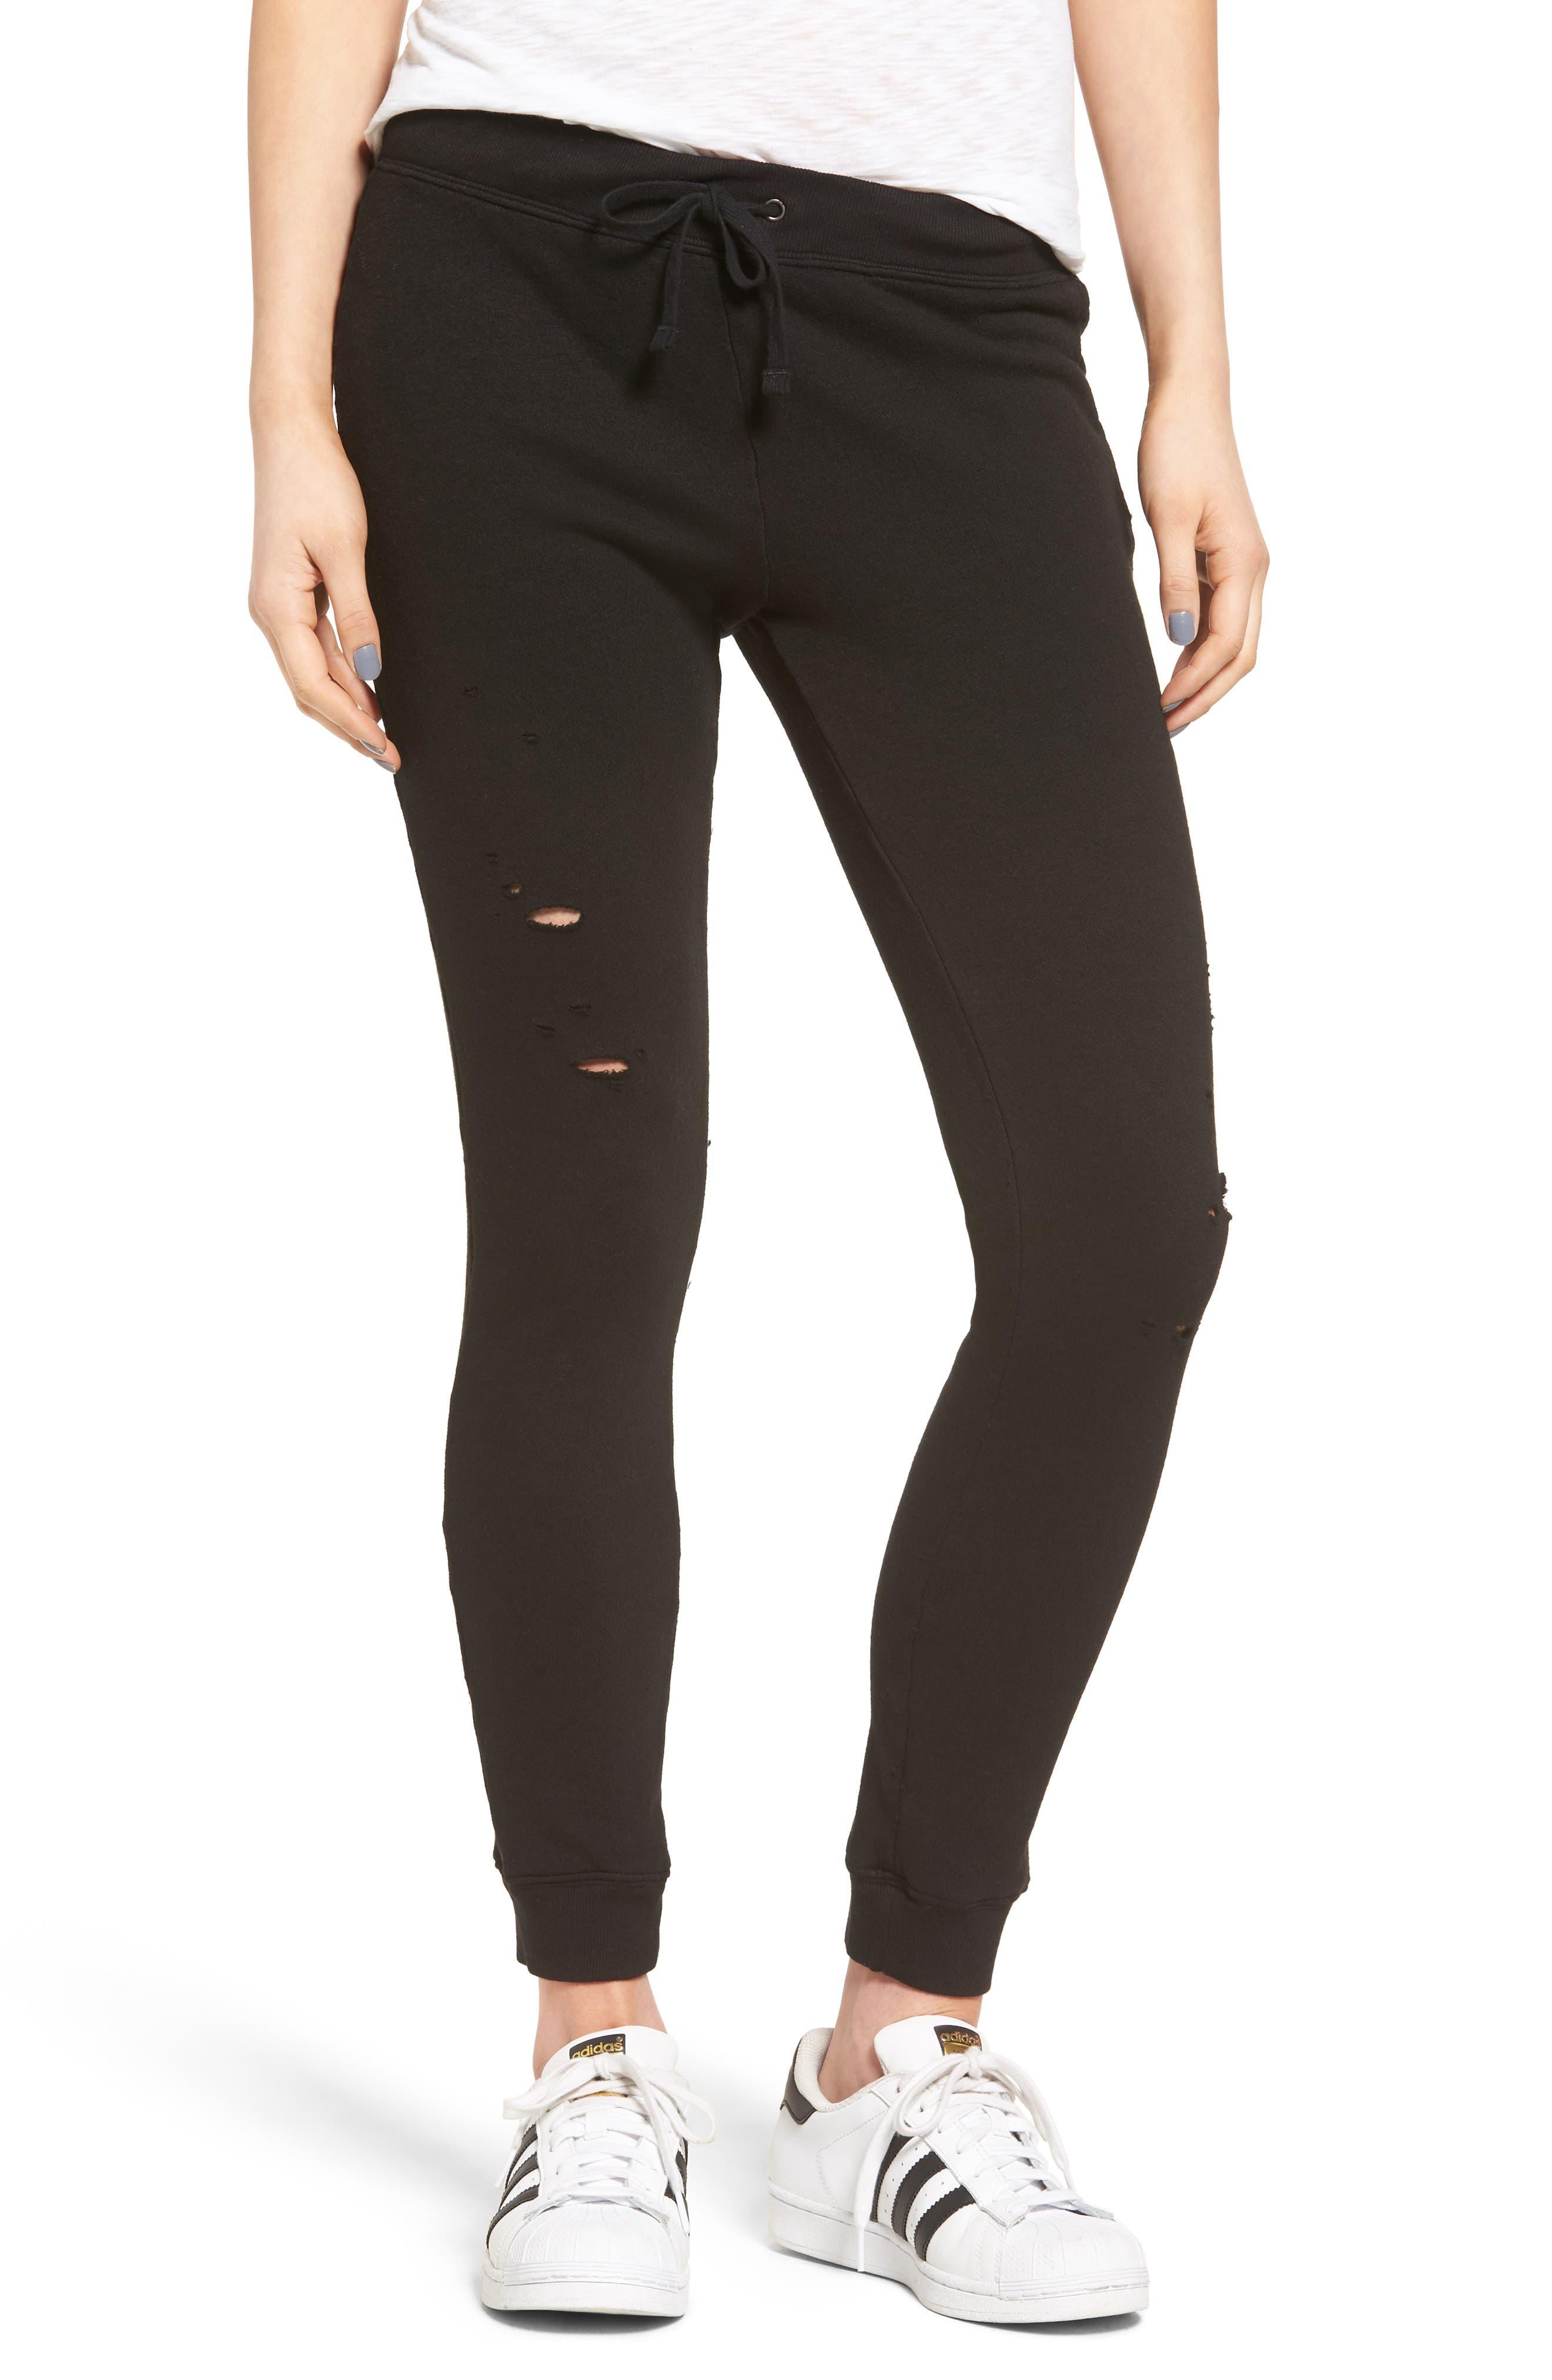 Main Image - Pam & Gela Betsee Distressed Jogger Pants